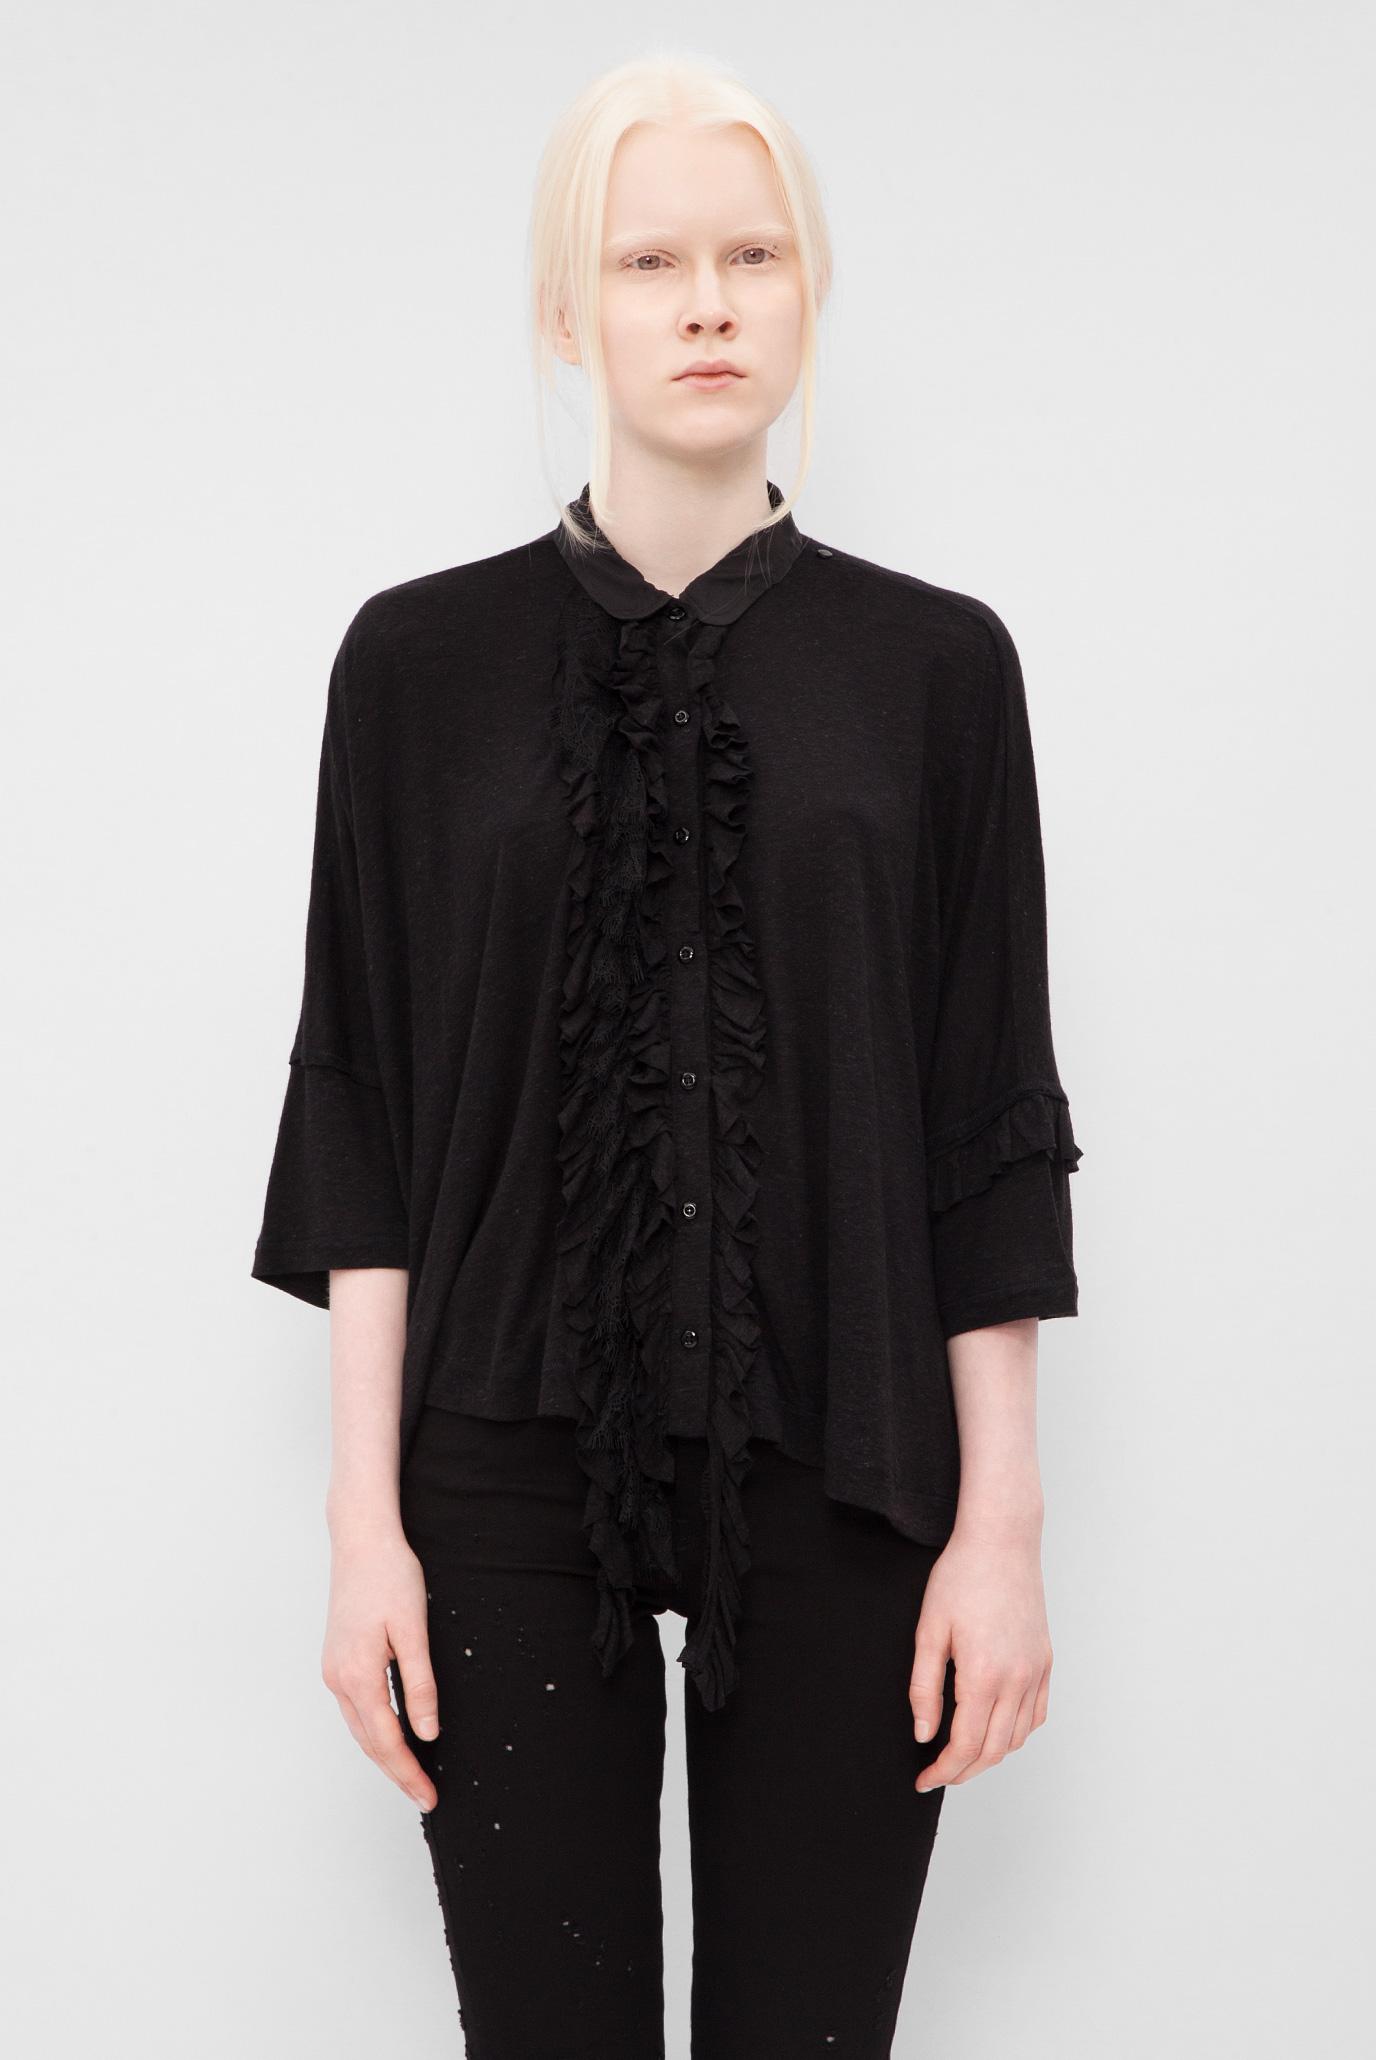 Купить Женская черная блуза с рюшами Diesel Diesel 00SZI9 0EAPN – Киев, Украина. Цены в интернет магазине MD Fashion